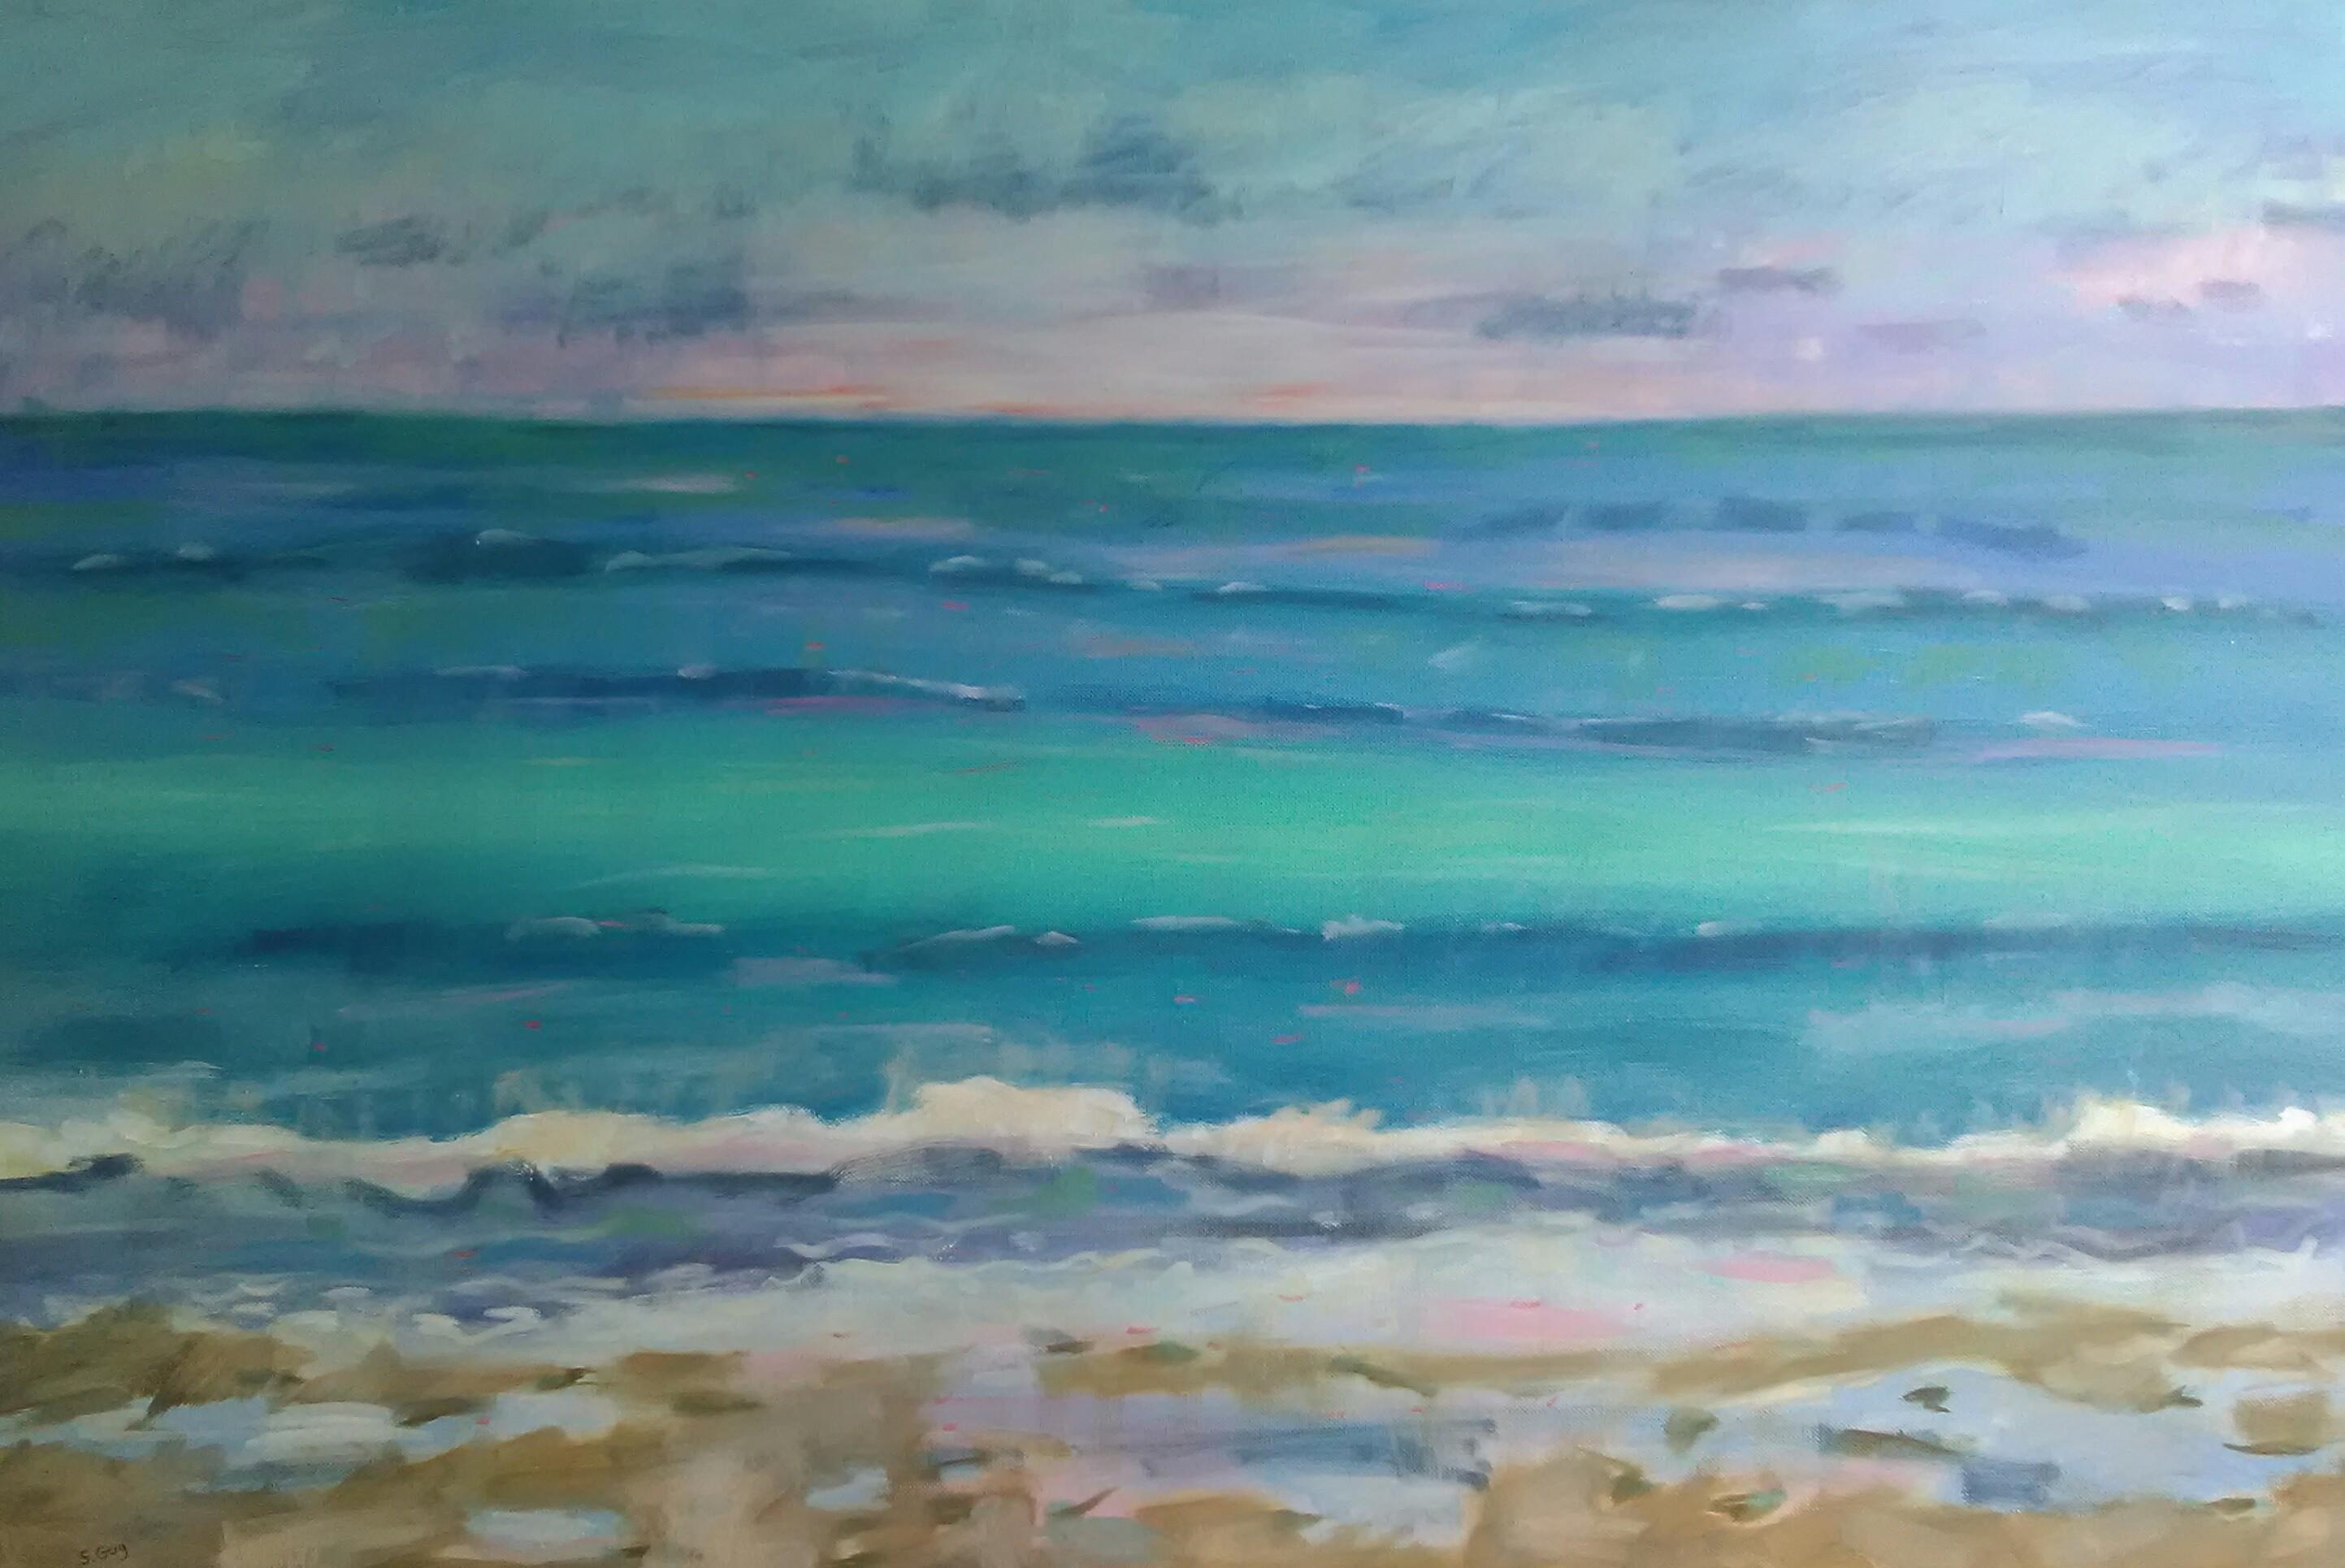 Ocean abstracted inzgzs